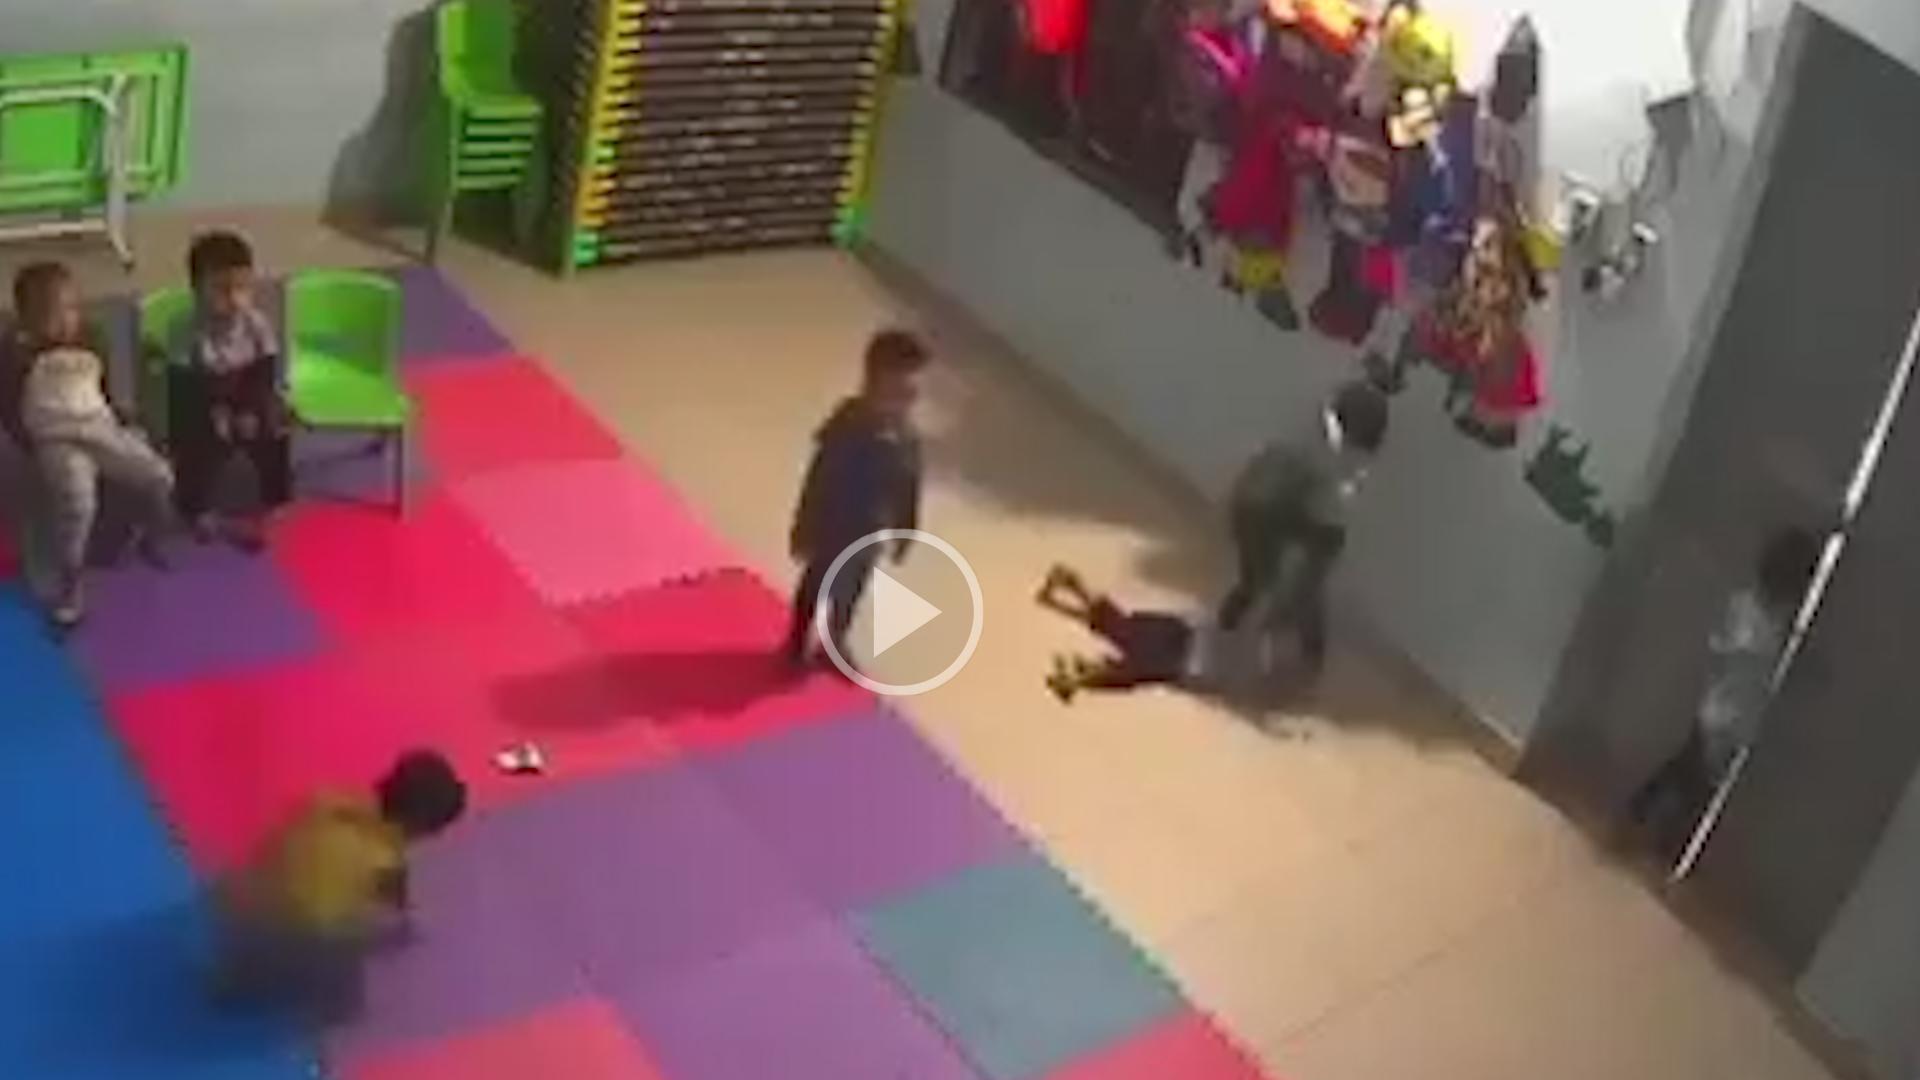 Xôn xao đoạn clip bé gái 2 tuổi bị bạn học đánh dã man ngay trong lớp